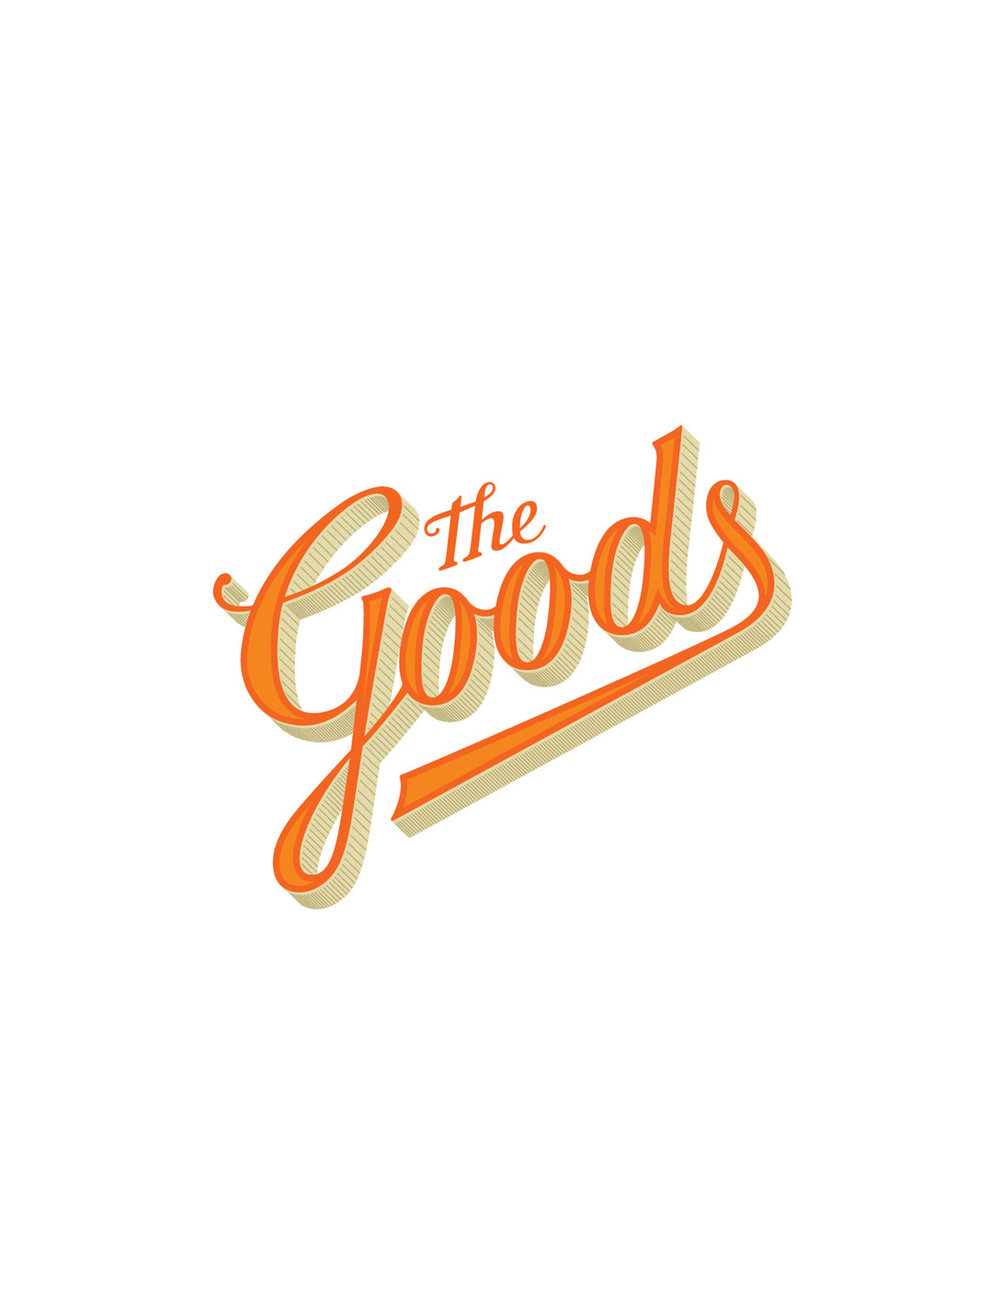 Goods.logo3.jpg